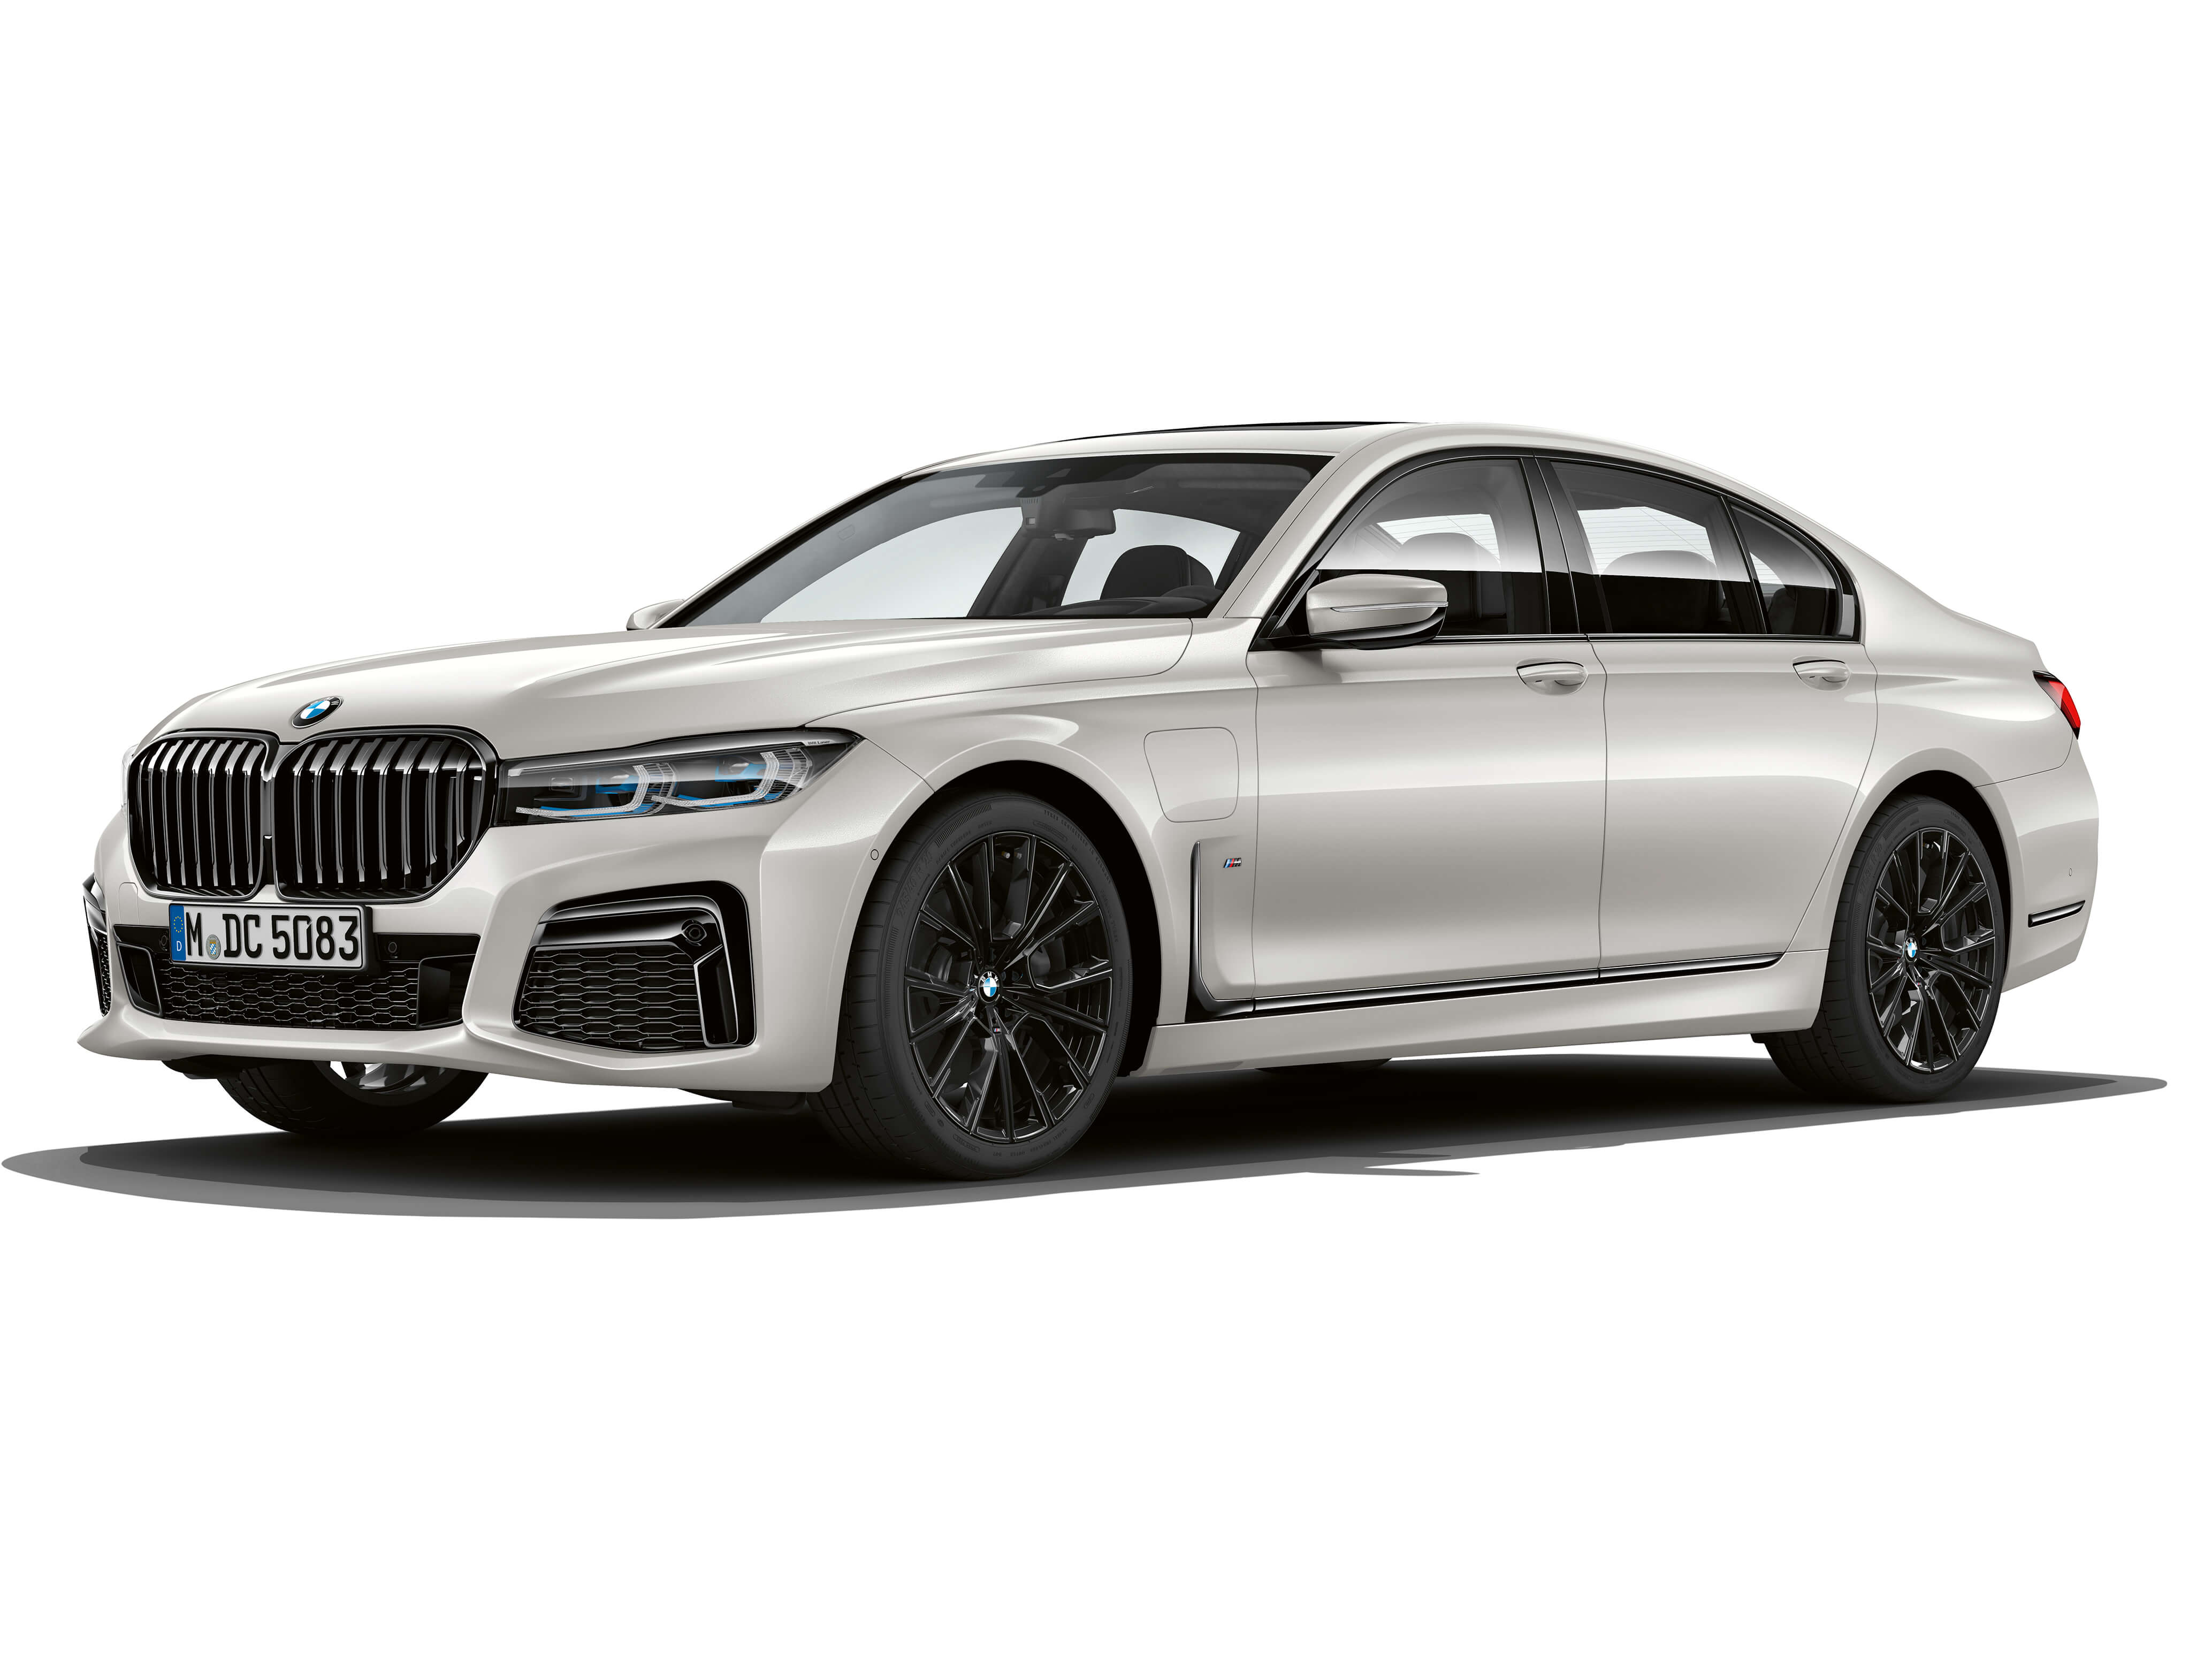 BMW 745Le M Sport, híbrido plug-in, permite dirigir exclusivamente a partir da tração elétrica, atingindo velocidades de até 140 km/h (autonomia até 54 km).